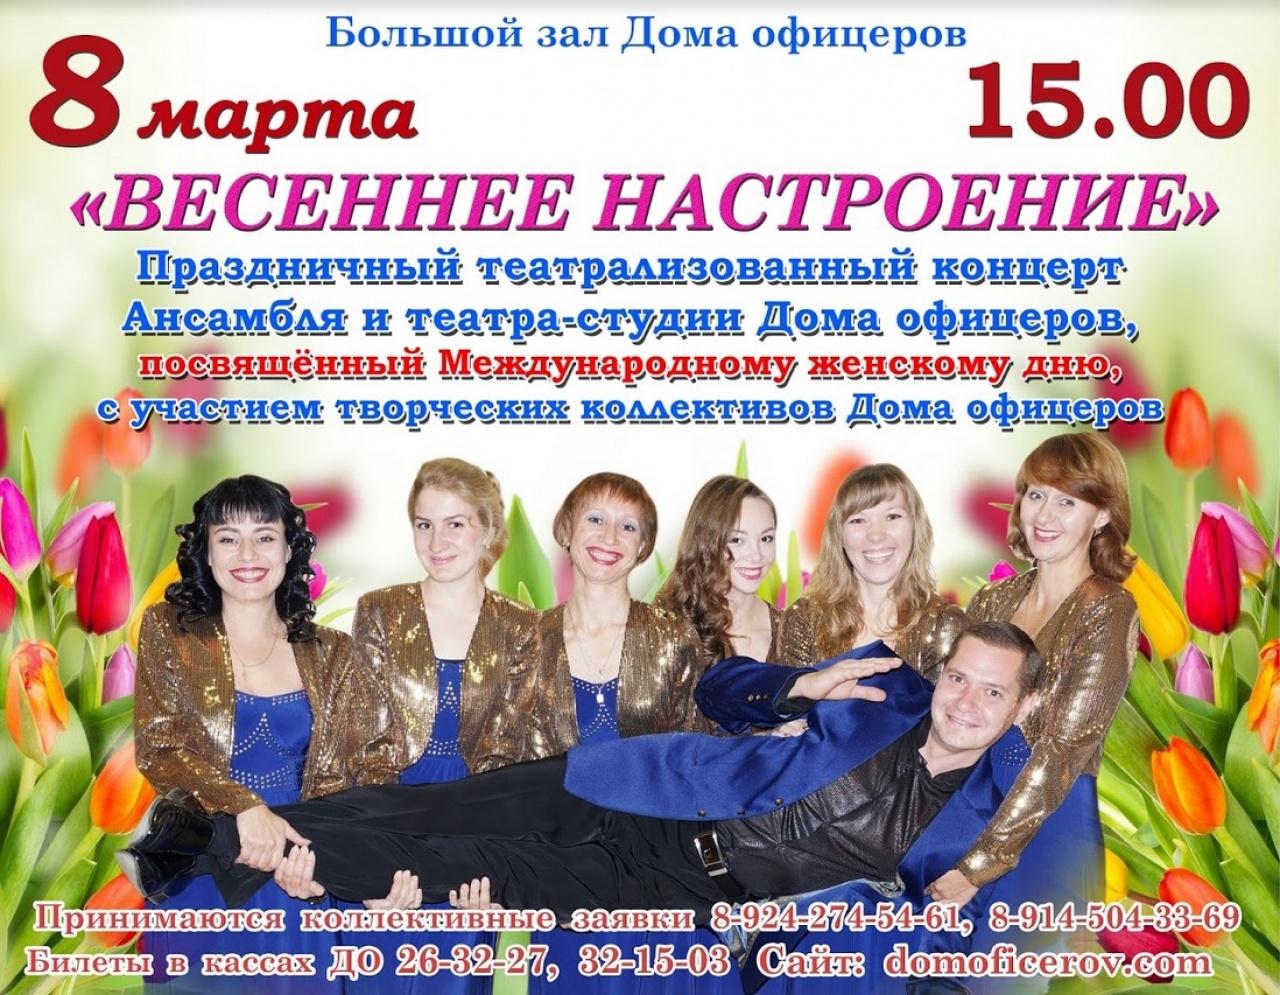 Билеты на лучшие спектакли в Москве Афиша спектаклей на 8